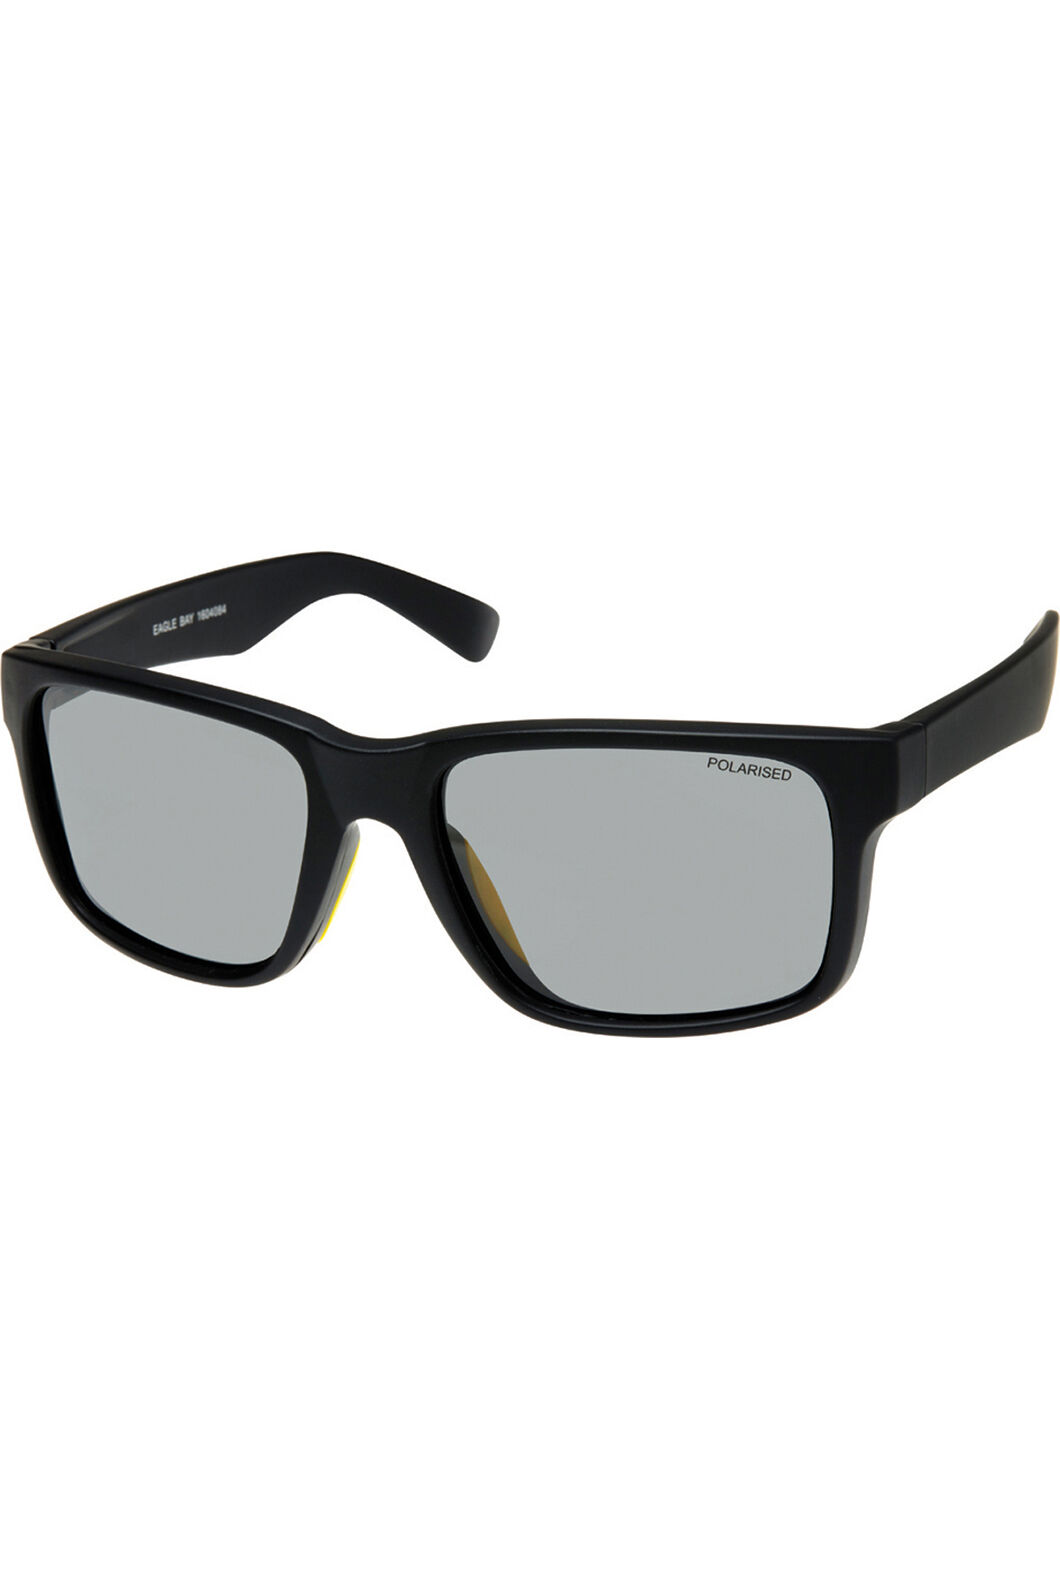 Cancer Council Men's Eagle Bay Sunglasses, Black Yellow, hi-res